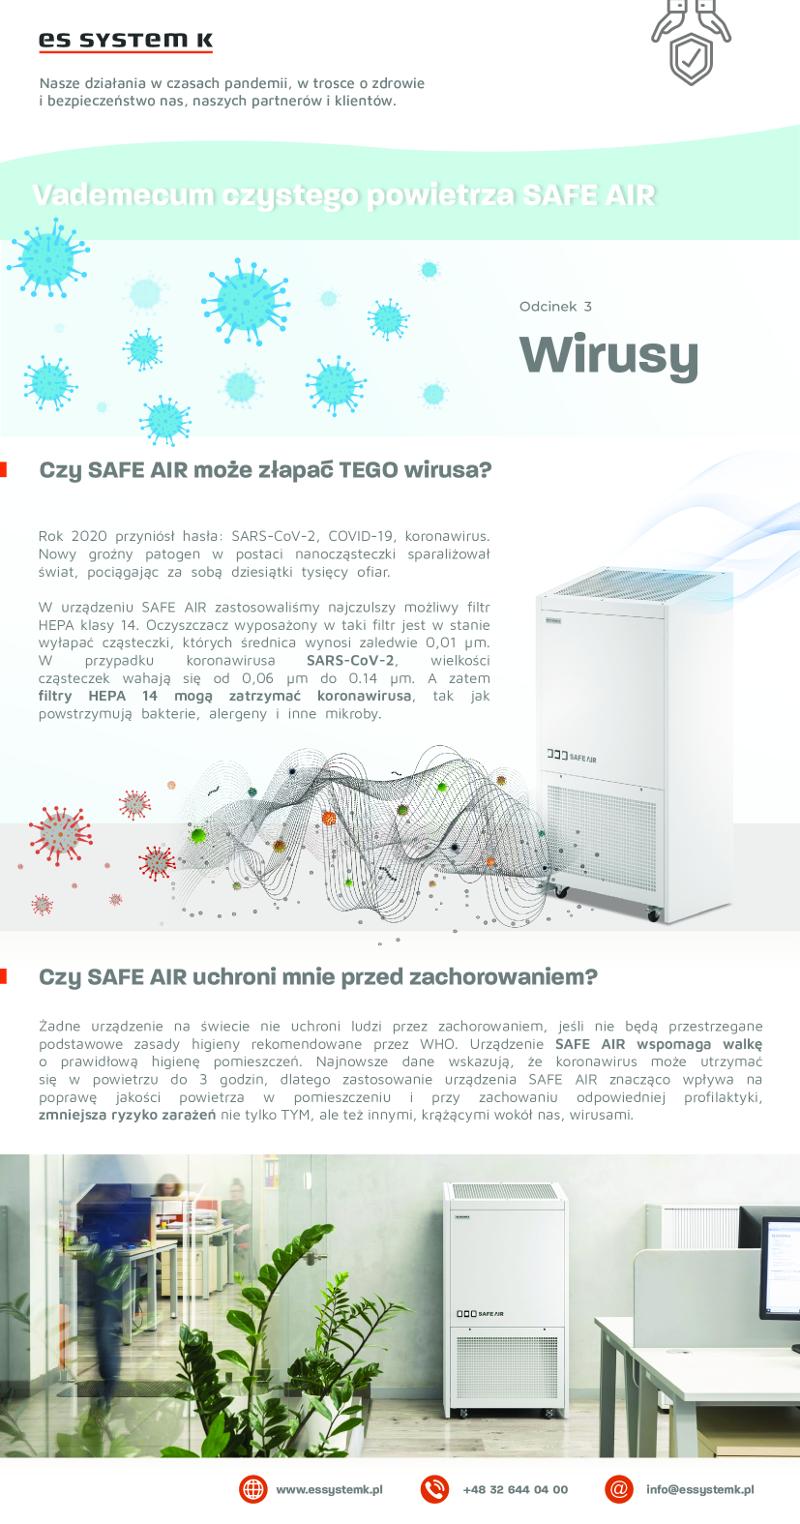 oczyszczacz powietrza a wirusy